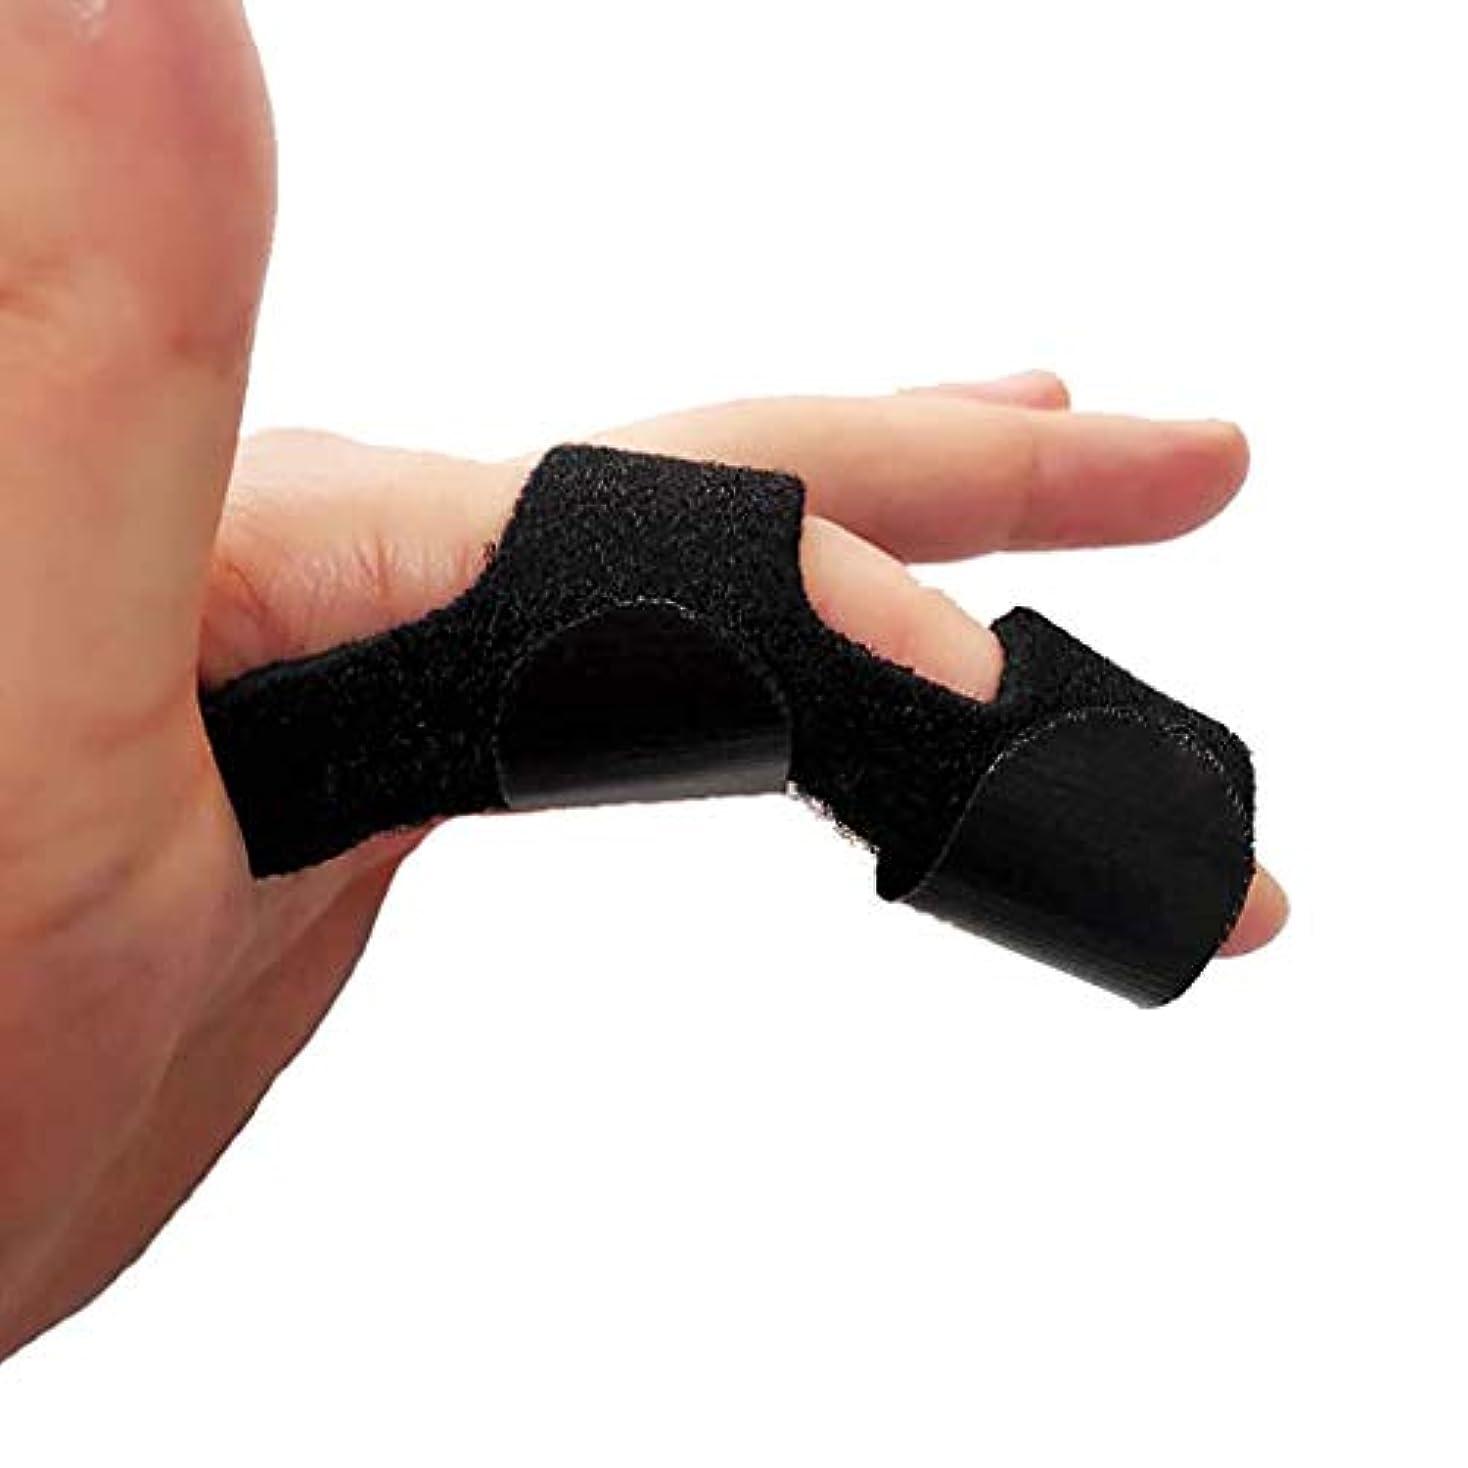 価値気まぐれなテレビ引き金用フィンガーエクステンションスプリントフィンガーマレットフィンガーナックル固定フィンガー骨折創傷術後ケアと痛み緩和フィンガースプリント,黒